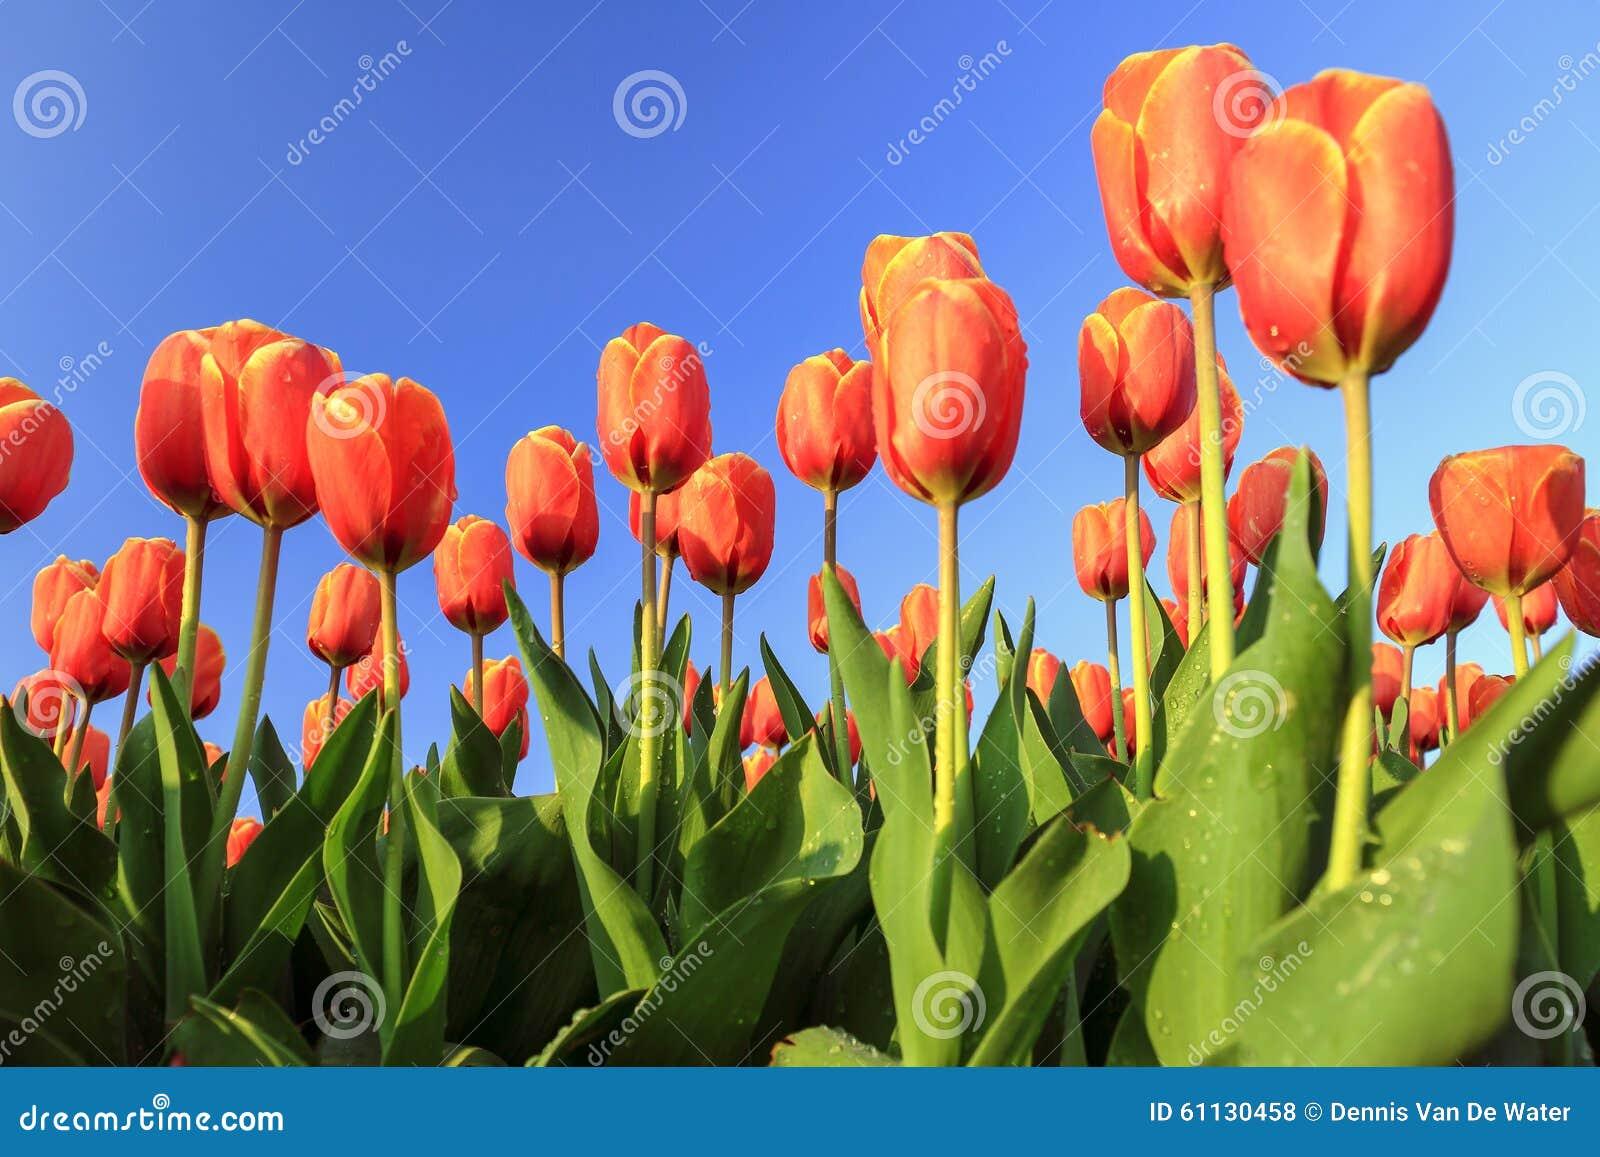 Tulipani arancioni fotografia stock immagine 61130458 for Tulipani arancioni